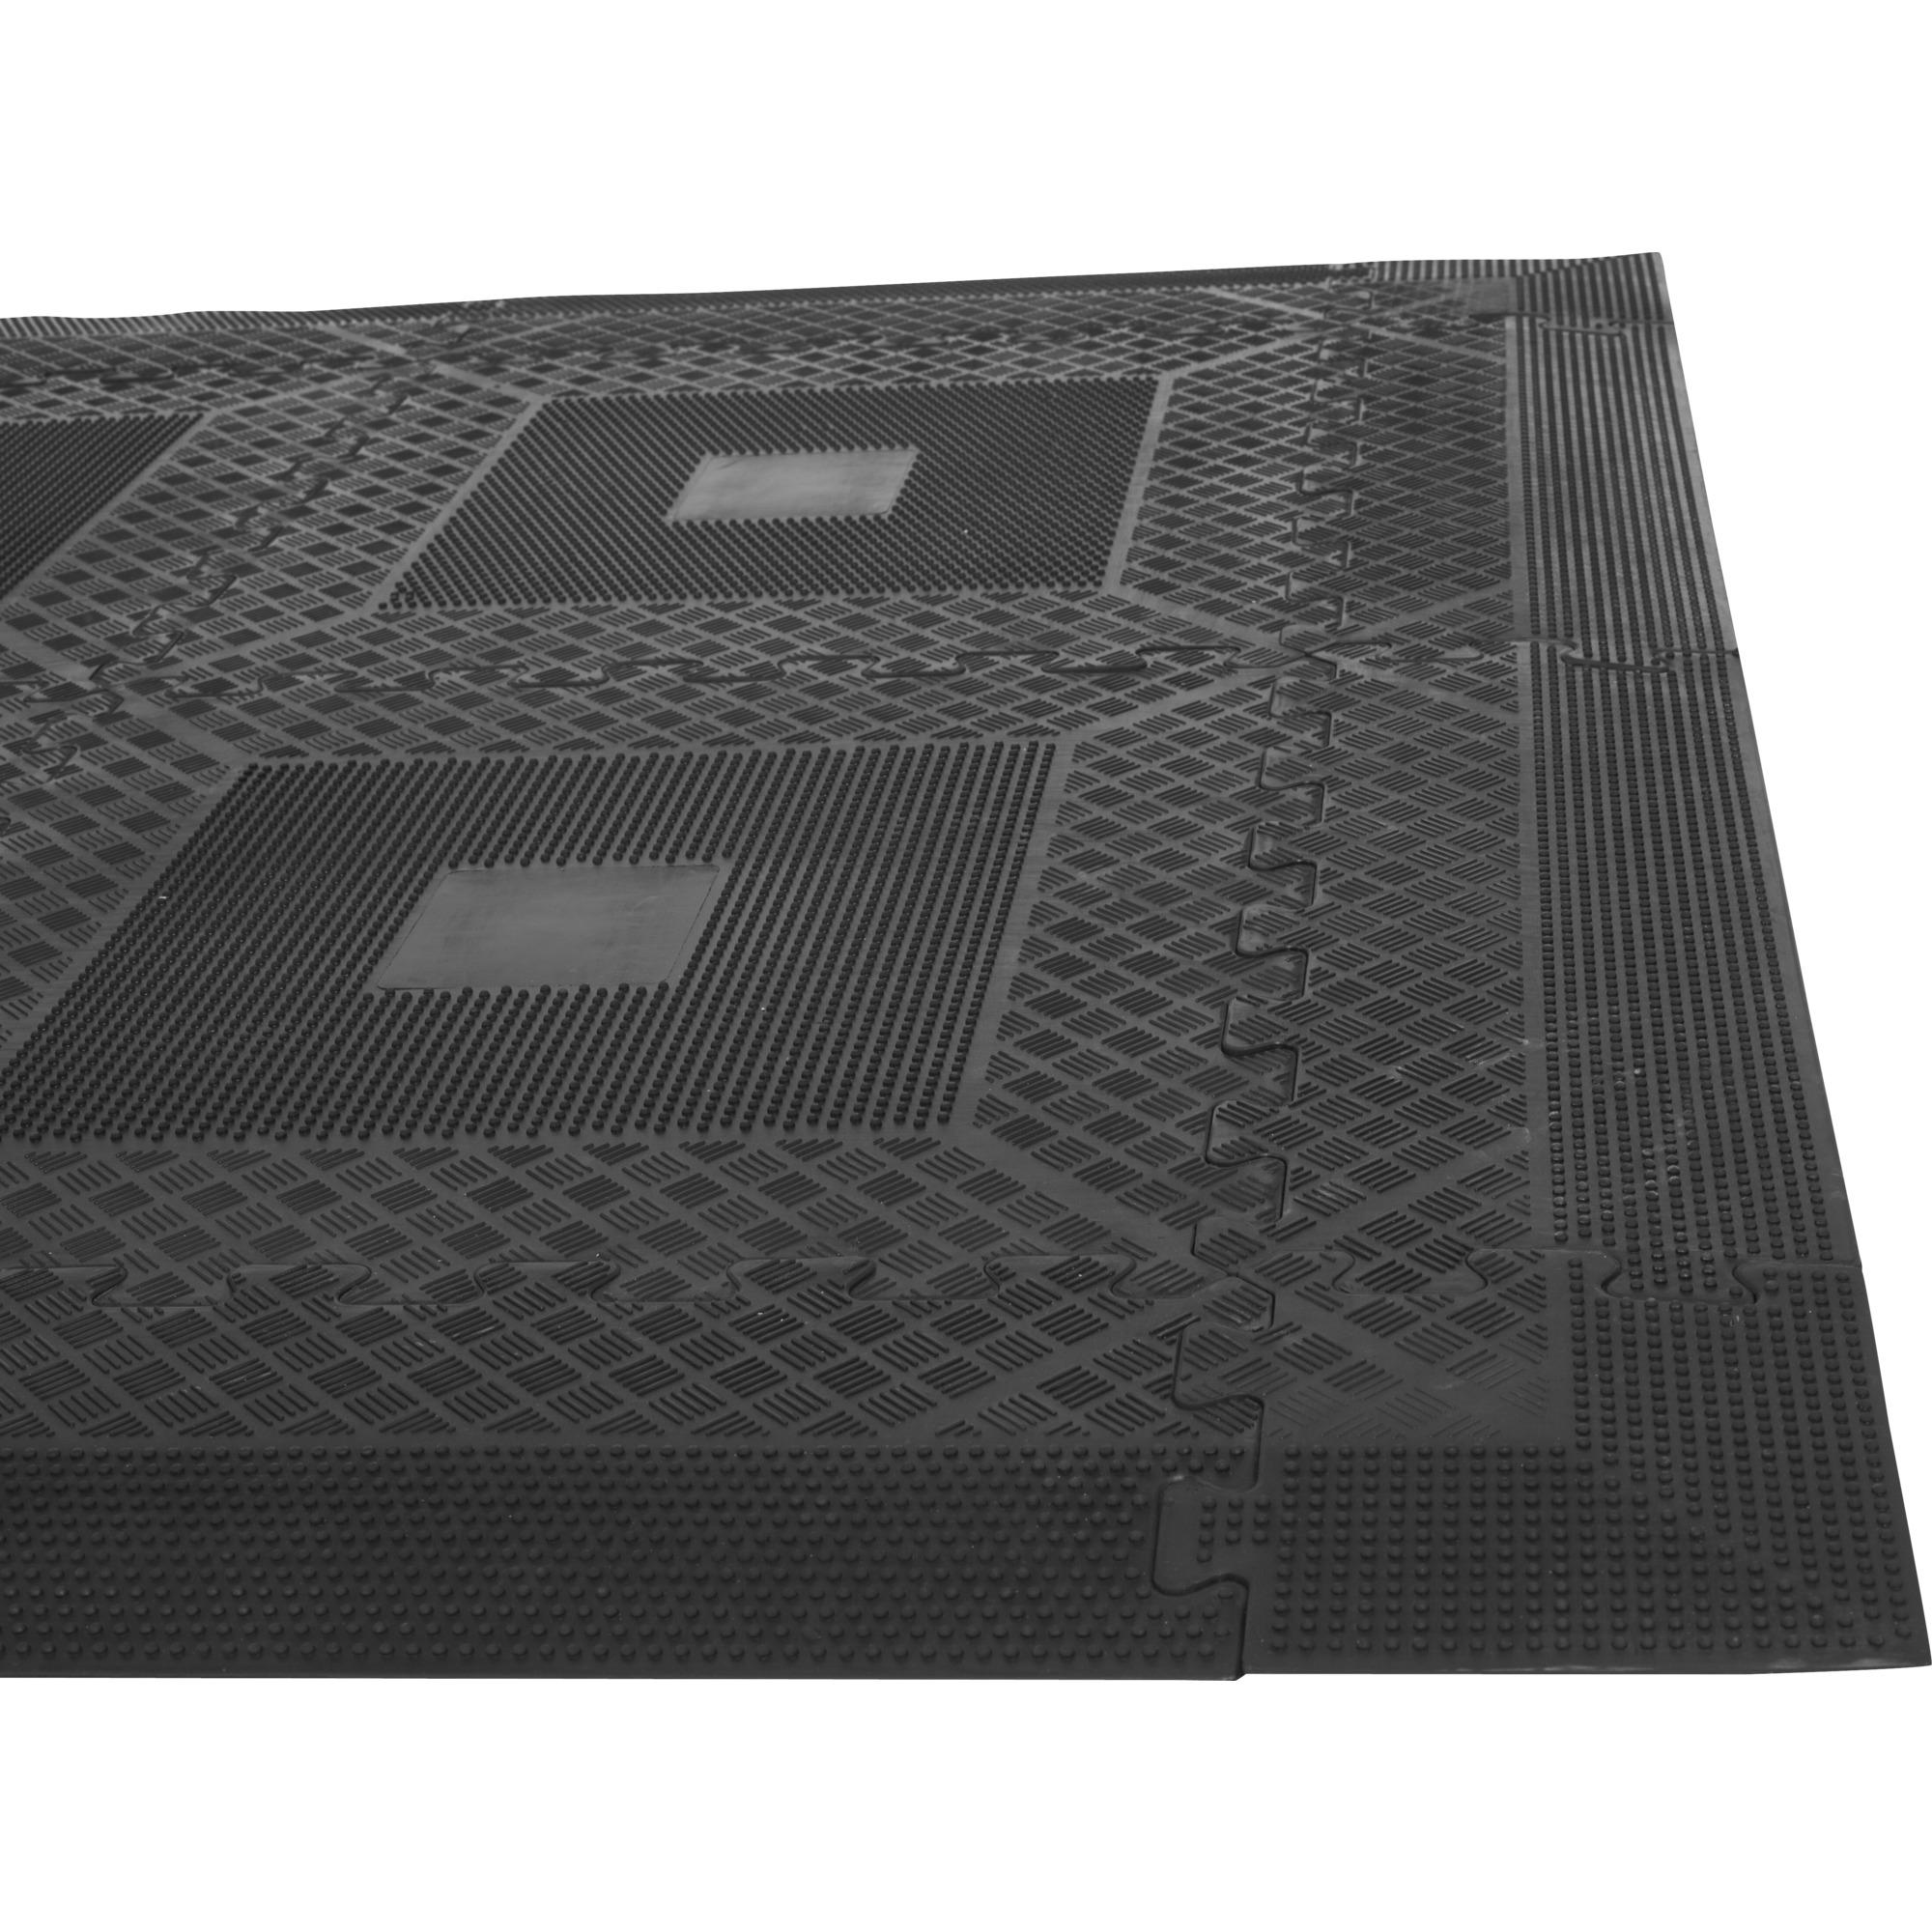 tapis puzzle de protection avec bordures 1 2cm d 39 paisseur en caoutchouc 16 l ments tapisdesolset. Black Bedroom Furniture Sets. Home Design Ideas